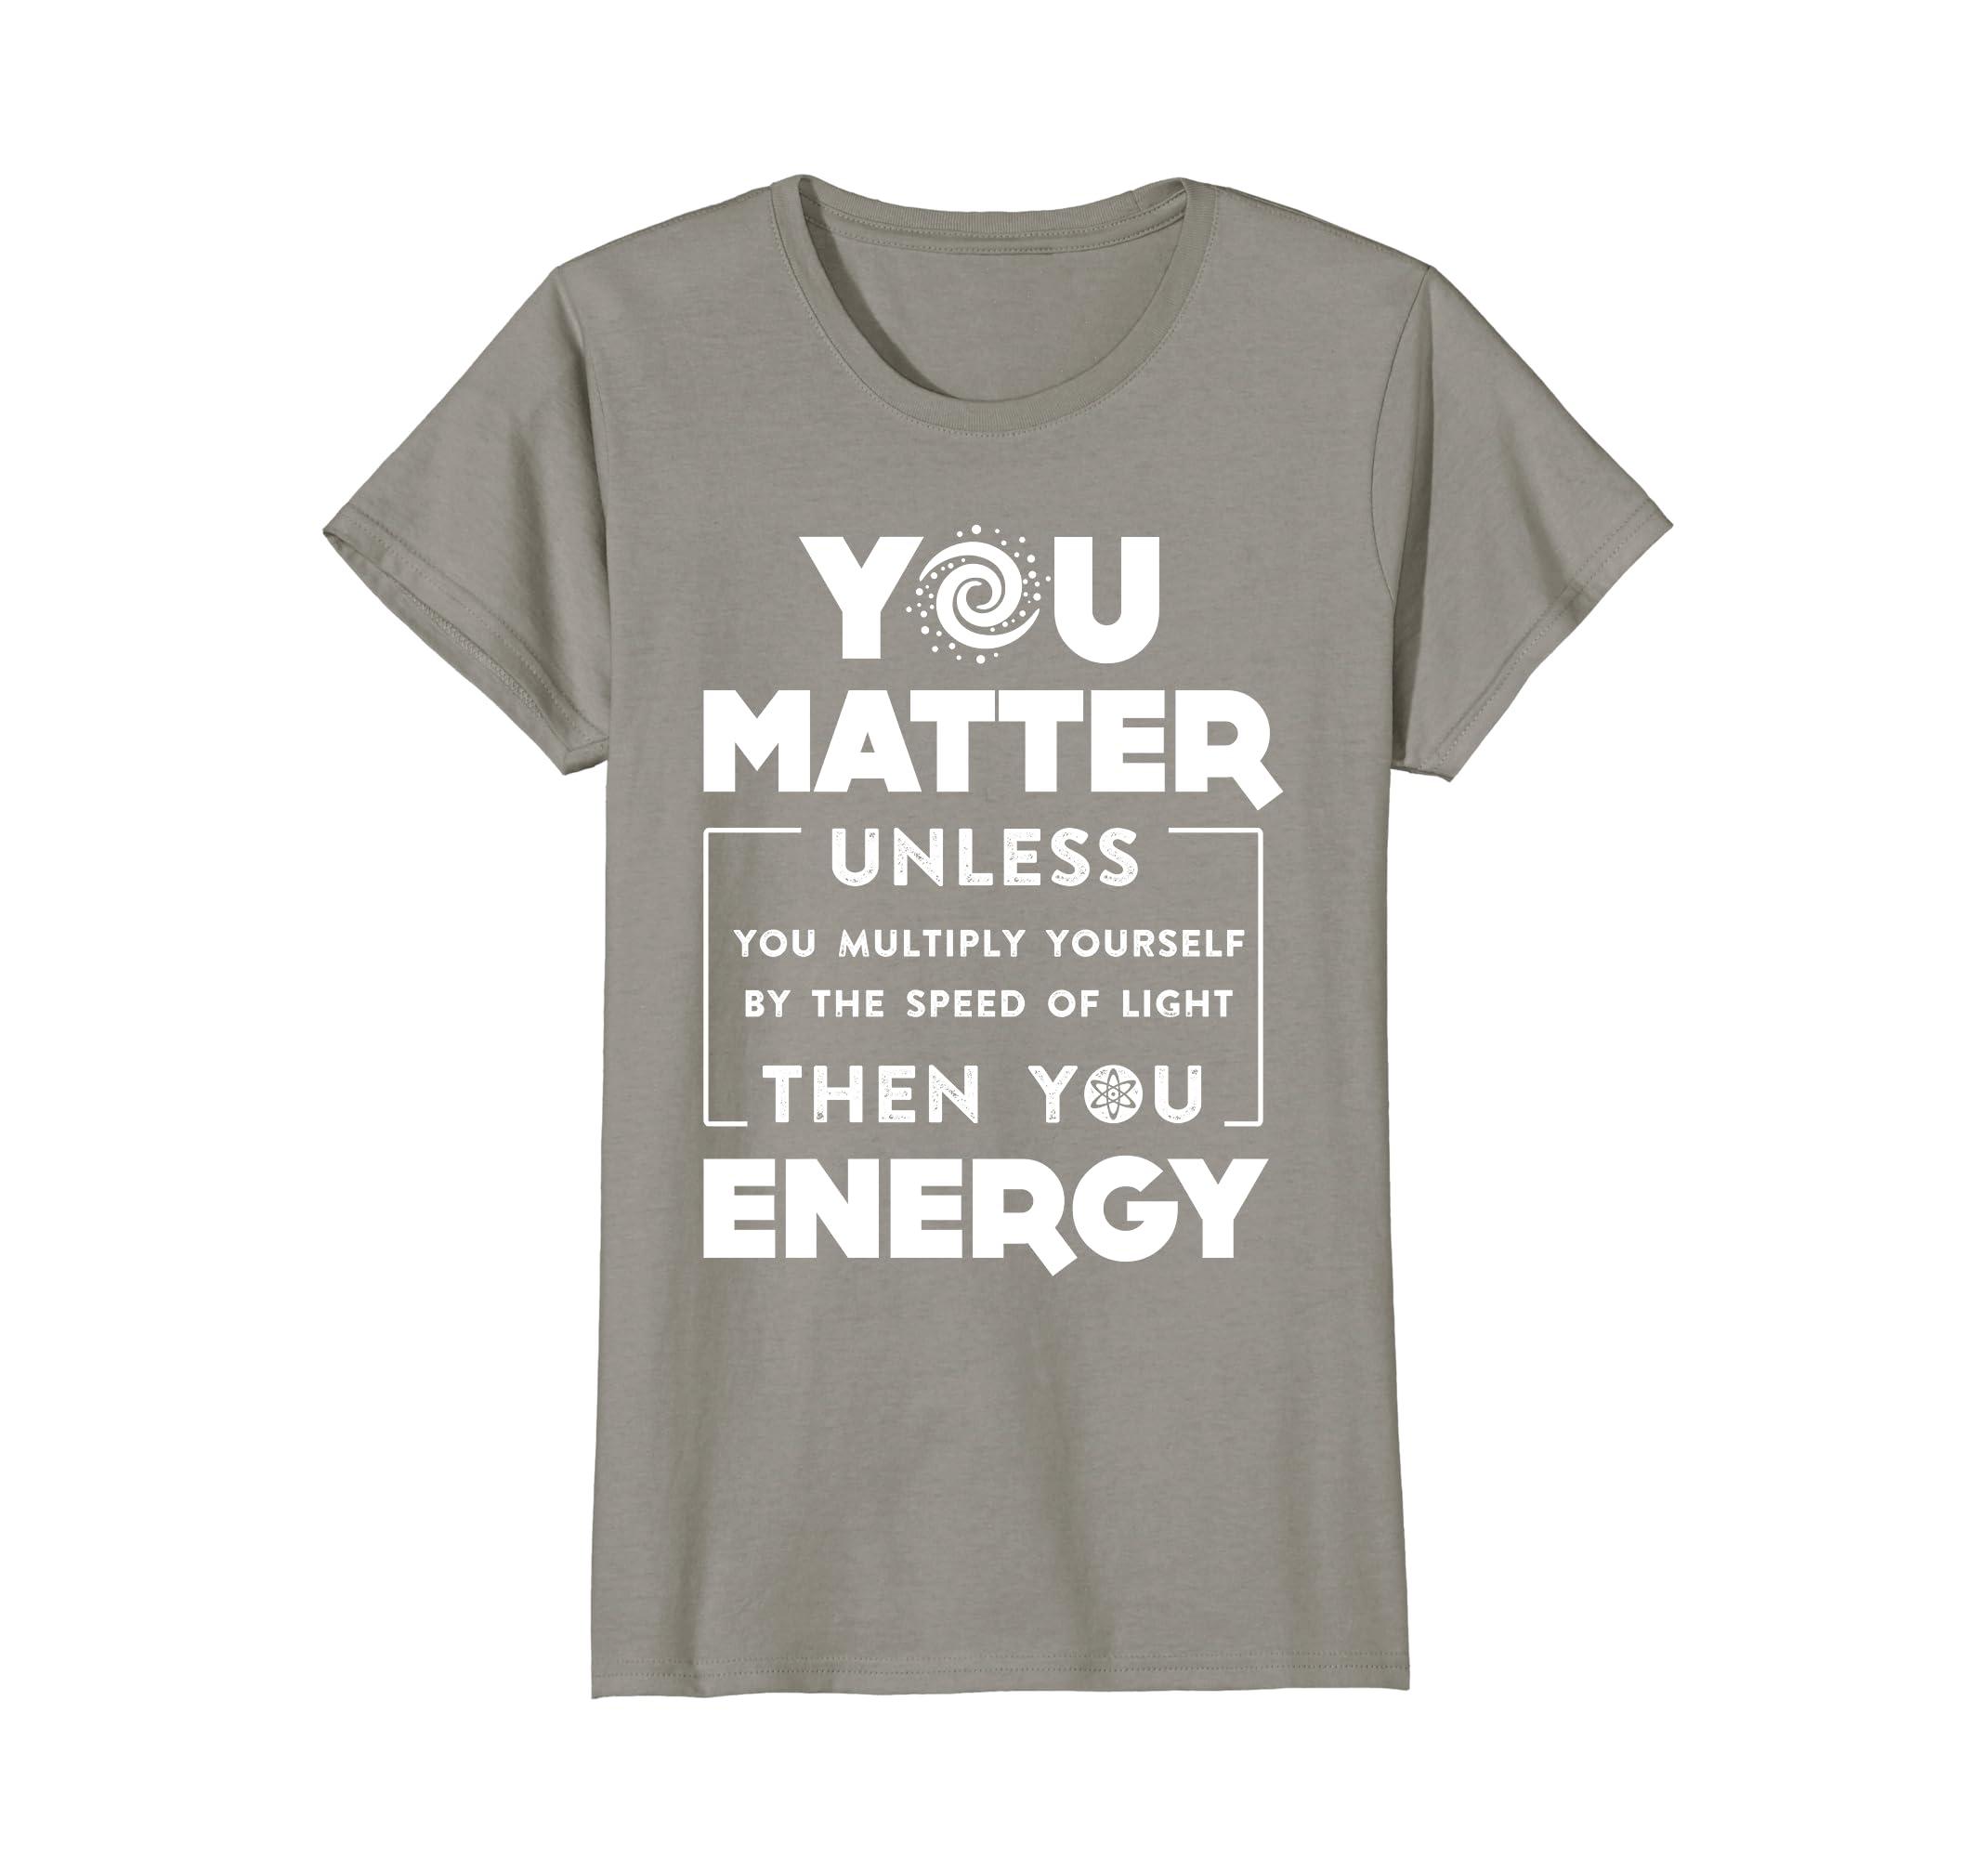 3afa1d1e992 You matter then you energy shirt clothing png 2140x2000 You matter shirt